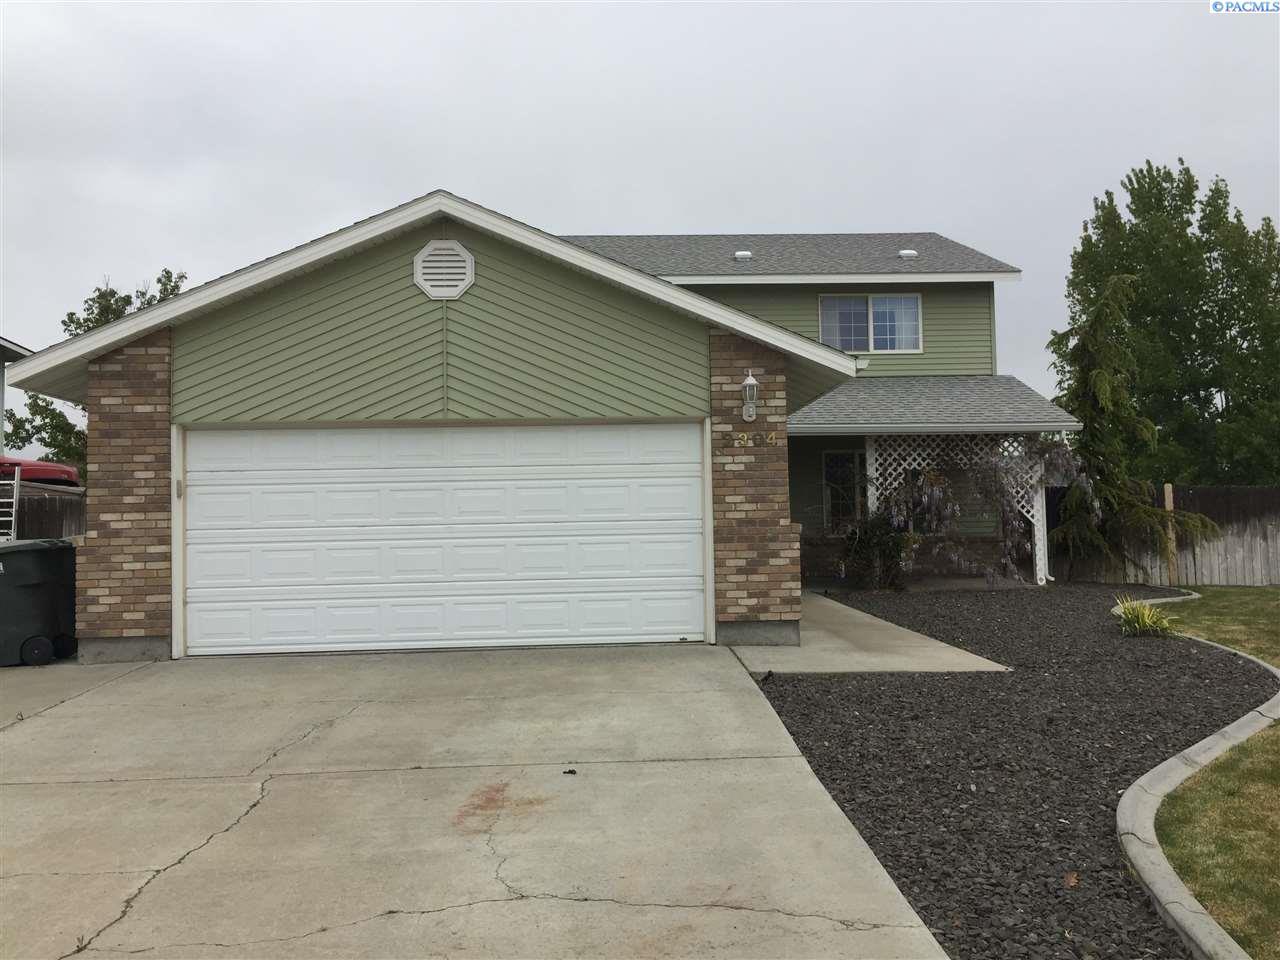 2304 Hummingbird Place, West Richland, WA 99353